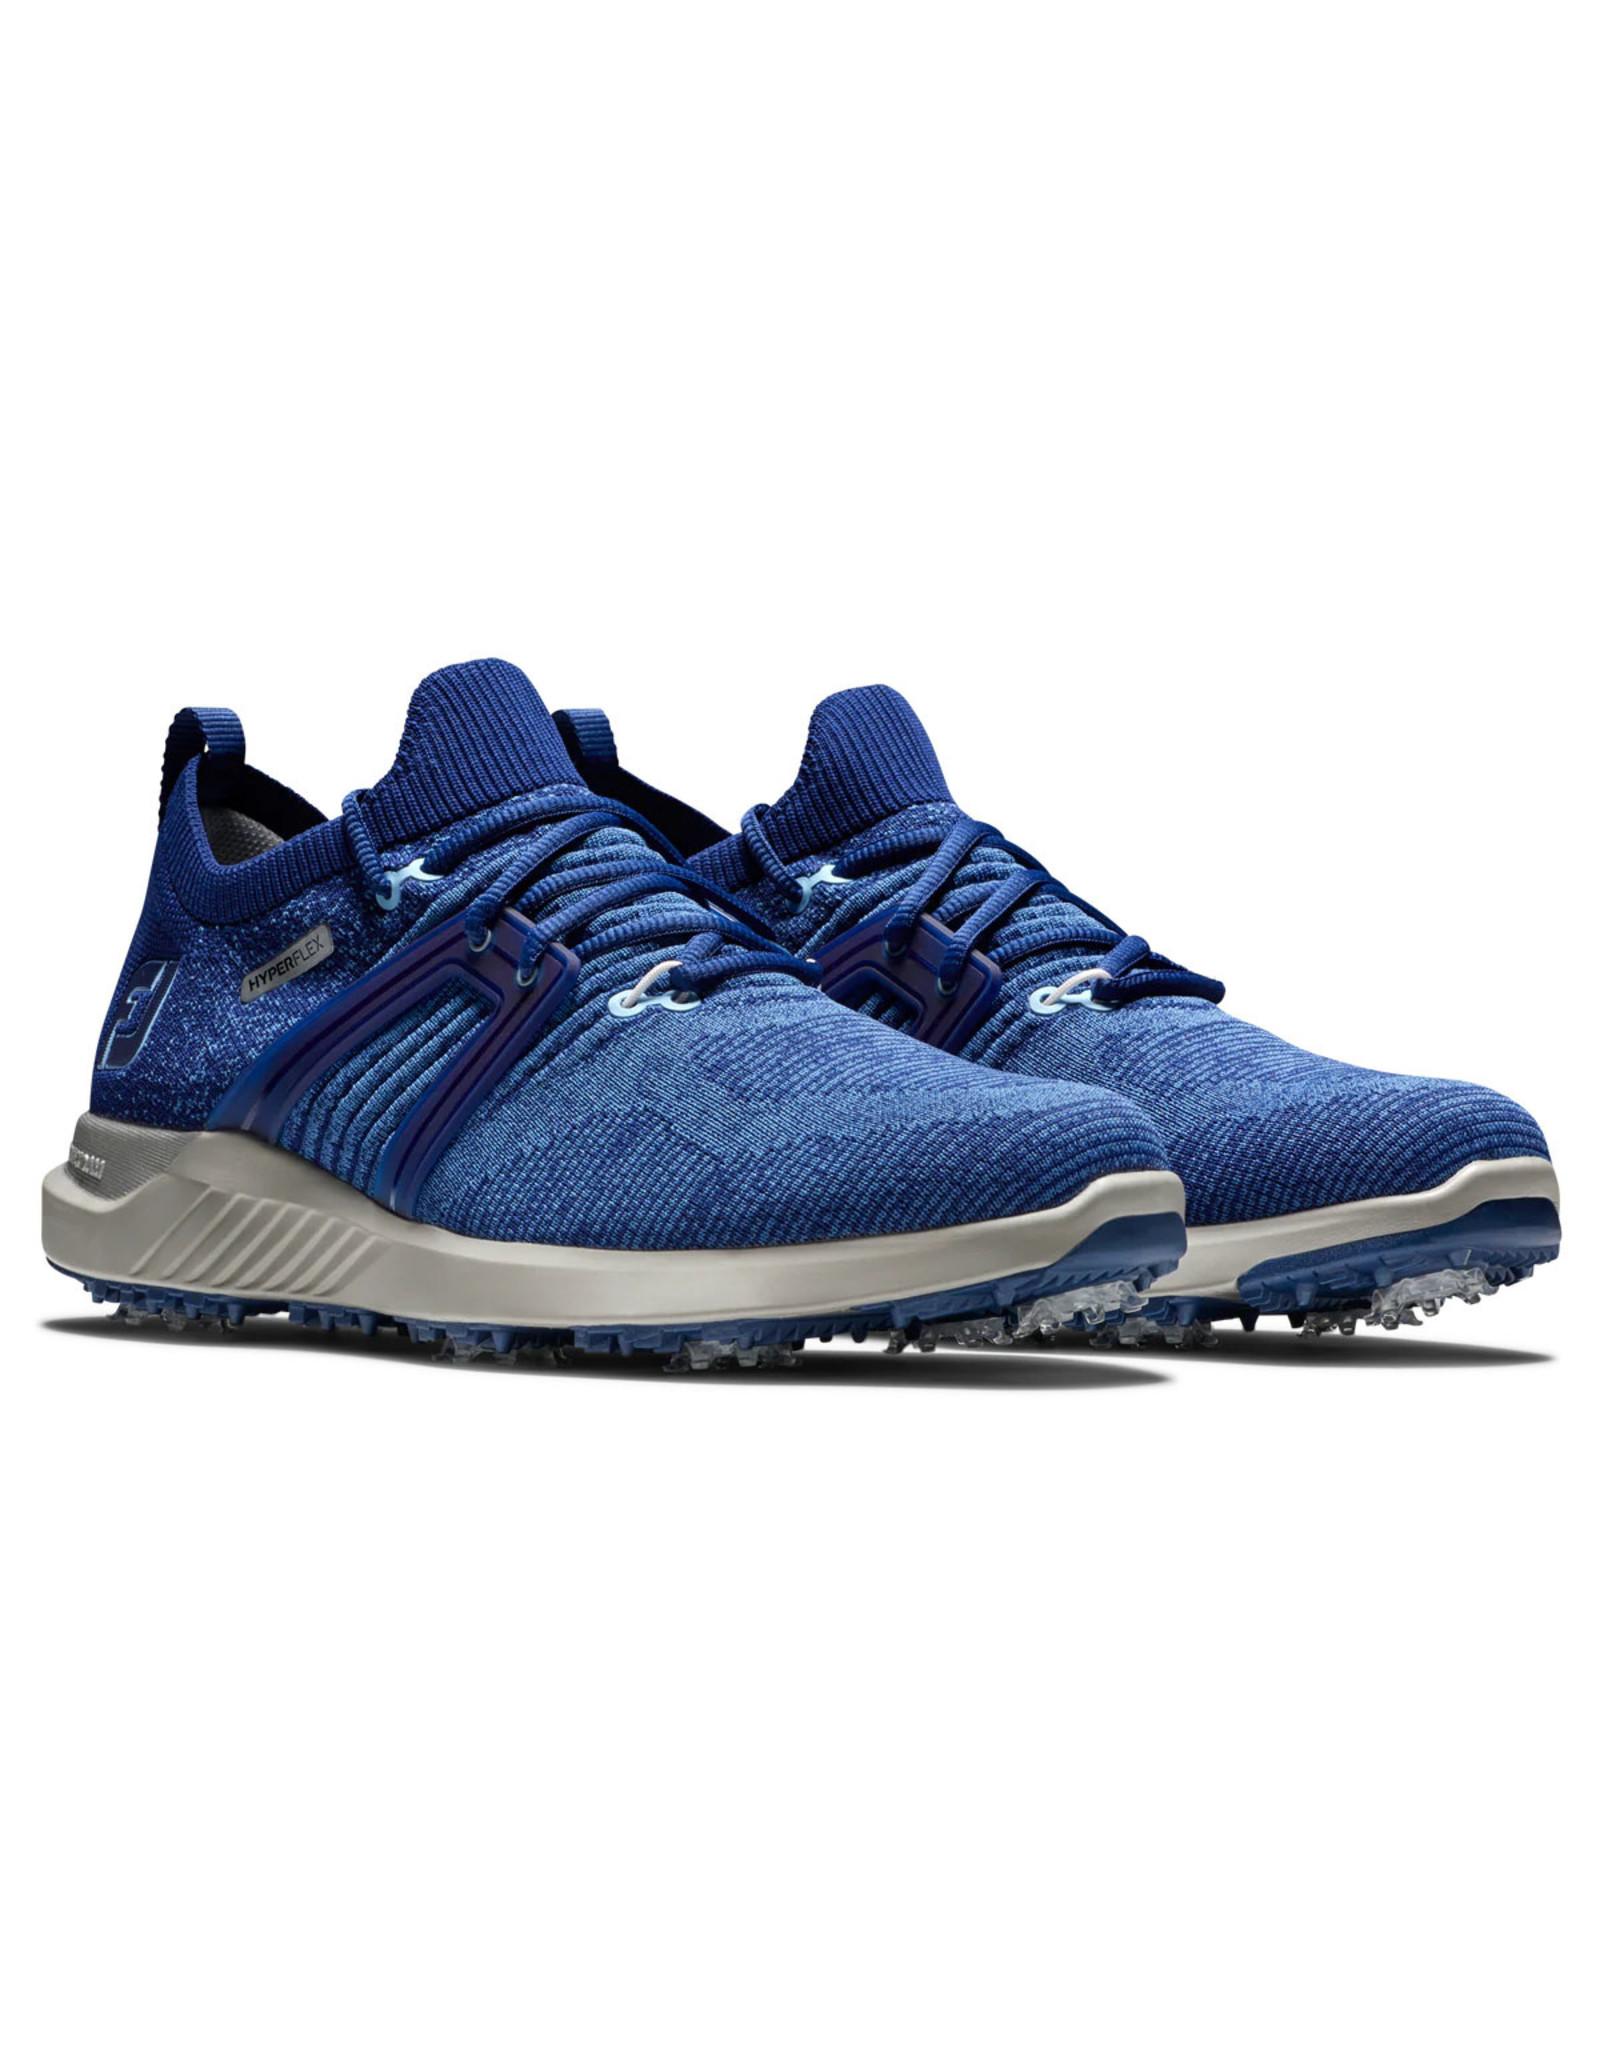 FootJoy FootJoy Men's Hyperflex Blue